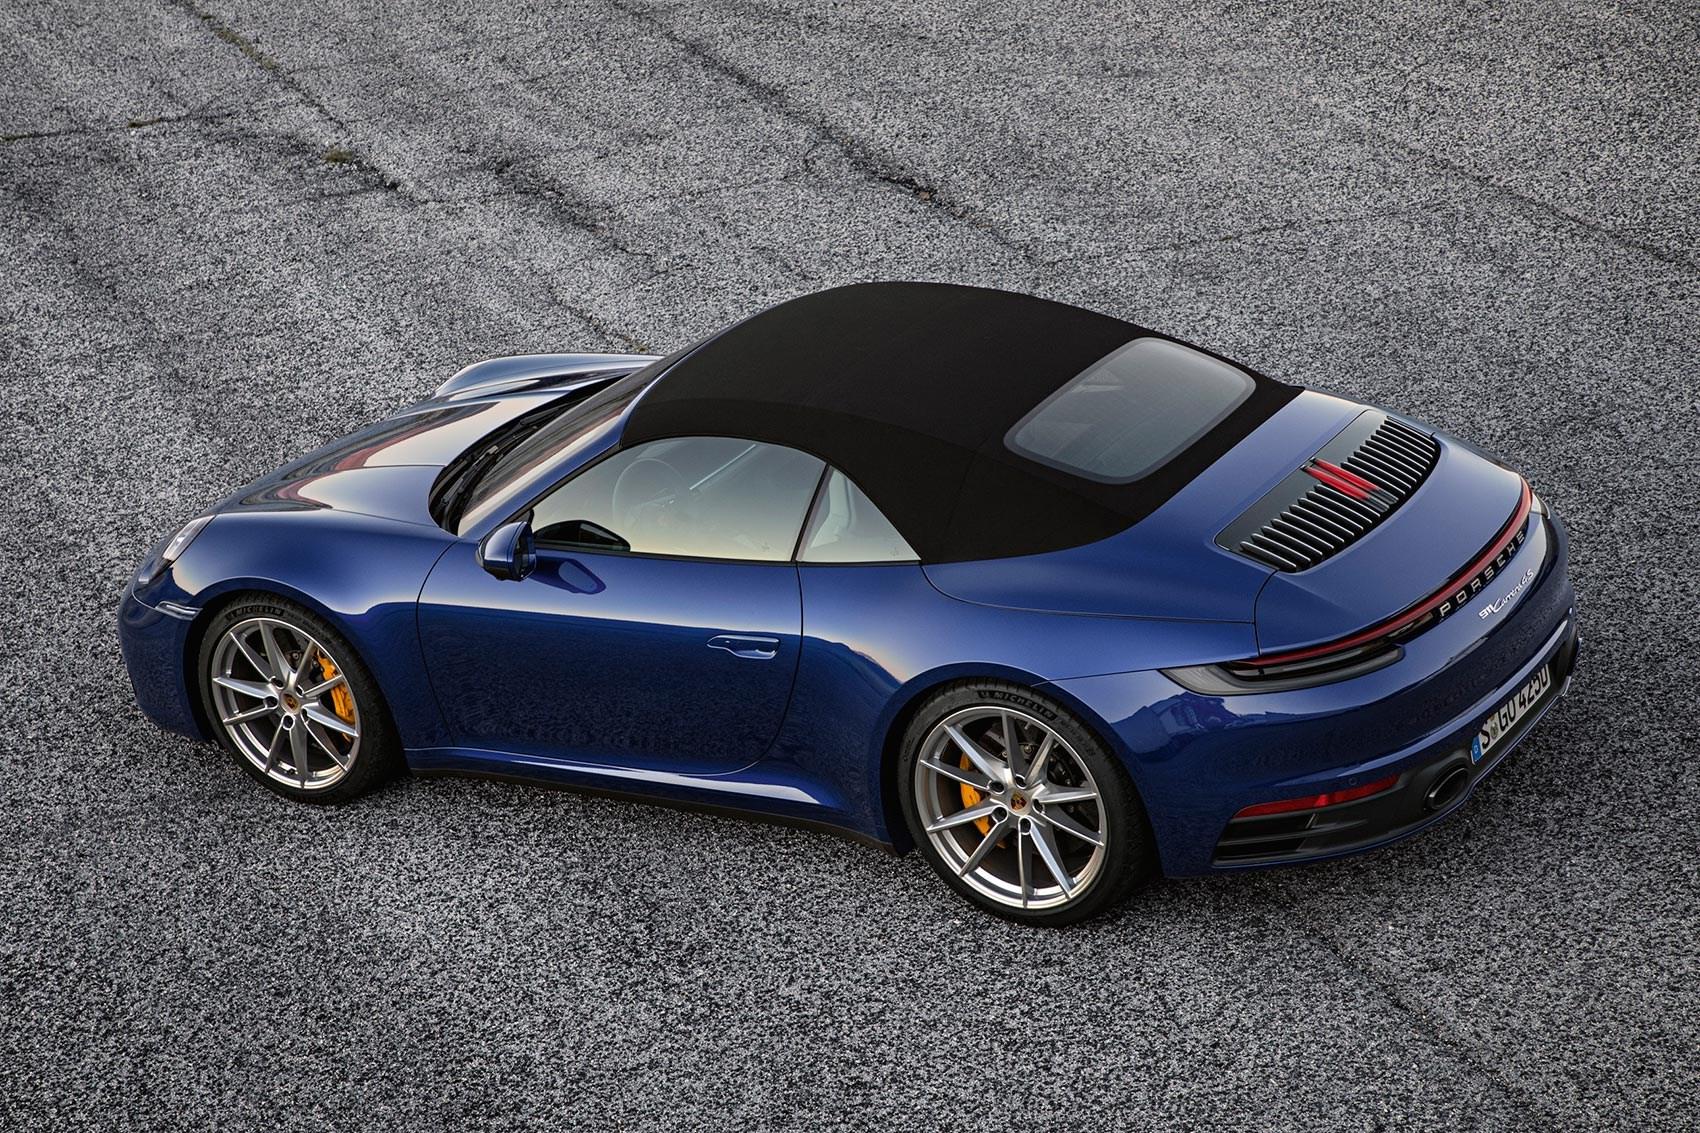 The New 2019 Porsche 911 Cabriolet 992 Generation